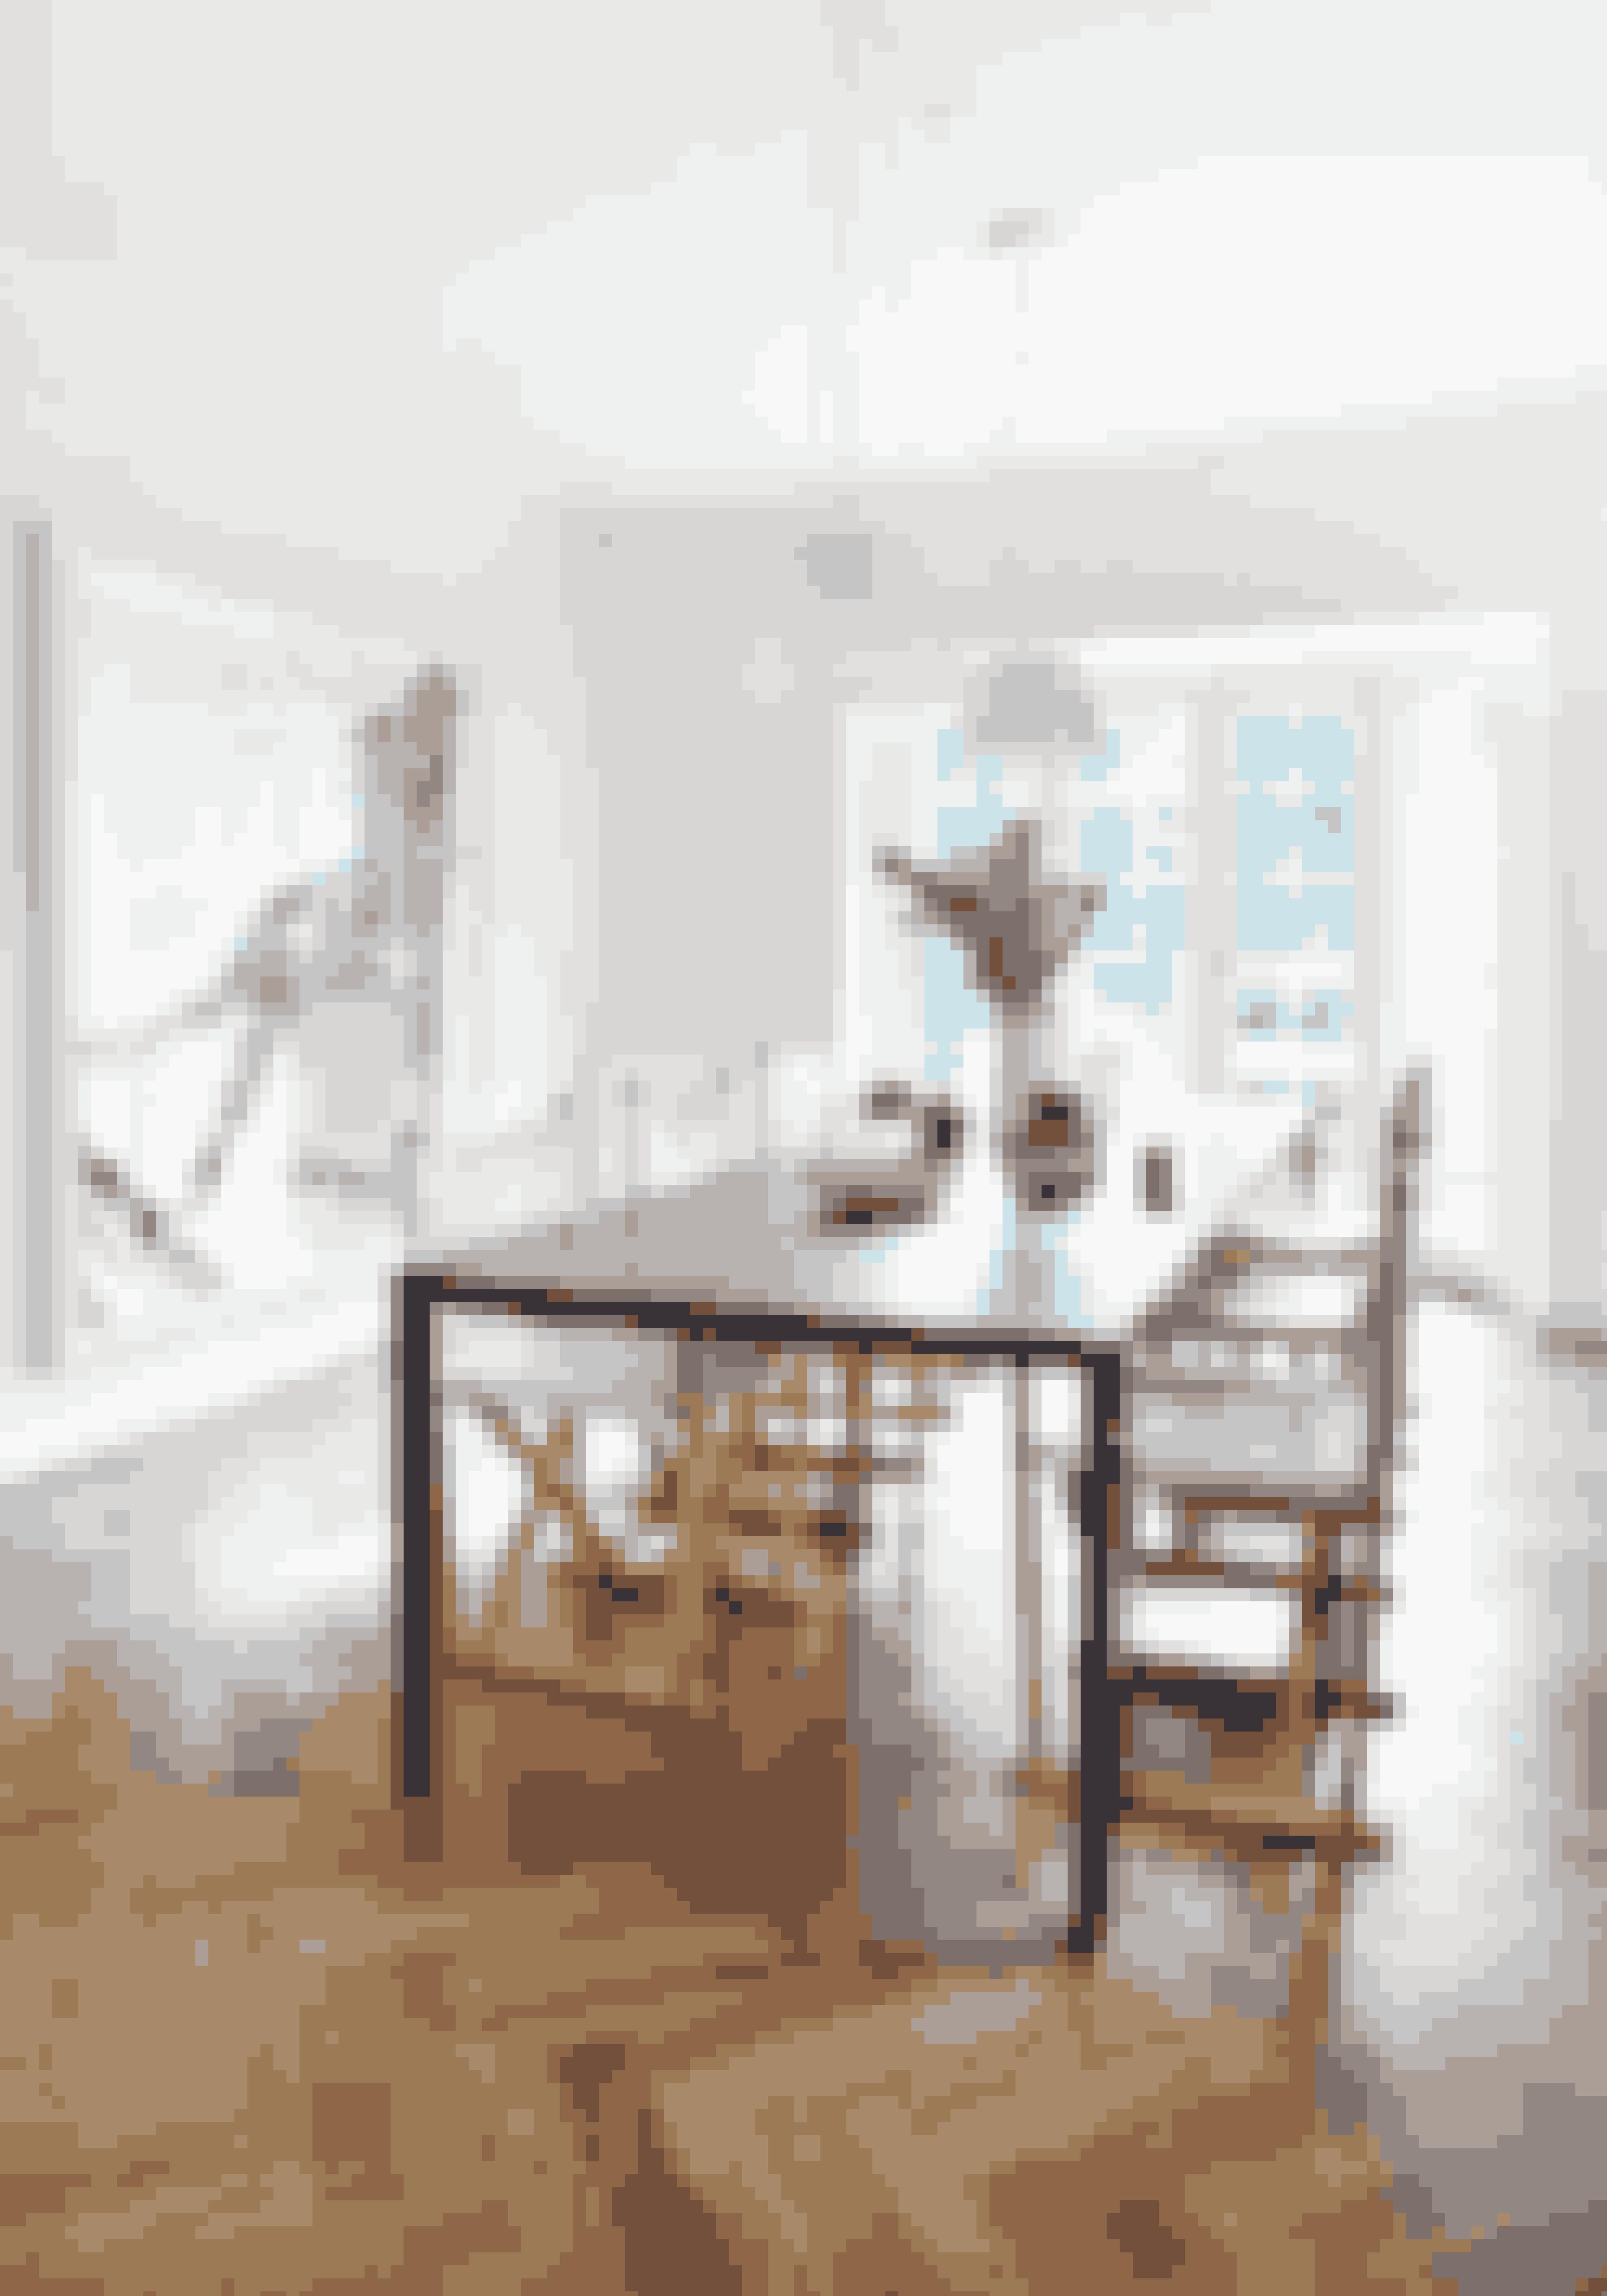 Stole i stof er med til at bløde et ellers sparsomt indrettet rum op. Vælger du en klassisk model, tilfører det også dit hjem historie.Spisebordet er fra 1000 Chairs, foldestolen er af Mogens Koch fra Carl Hansen og Søn. Pendlerne er fra Flos, og værket på væggen er af Evren Tekinoktay.